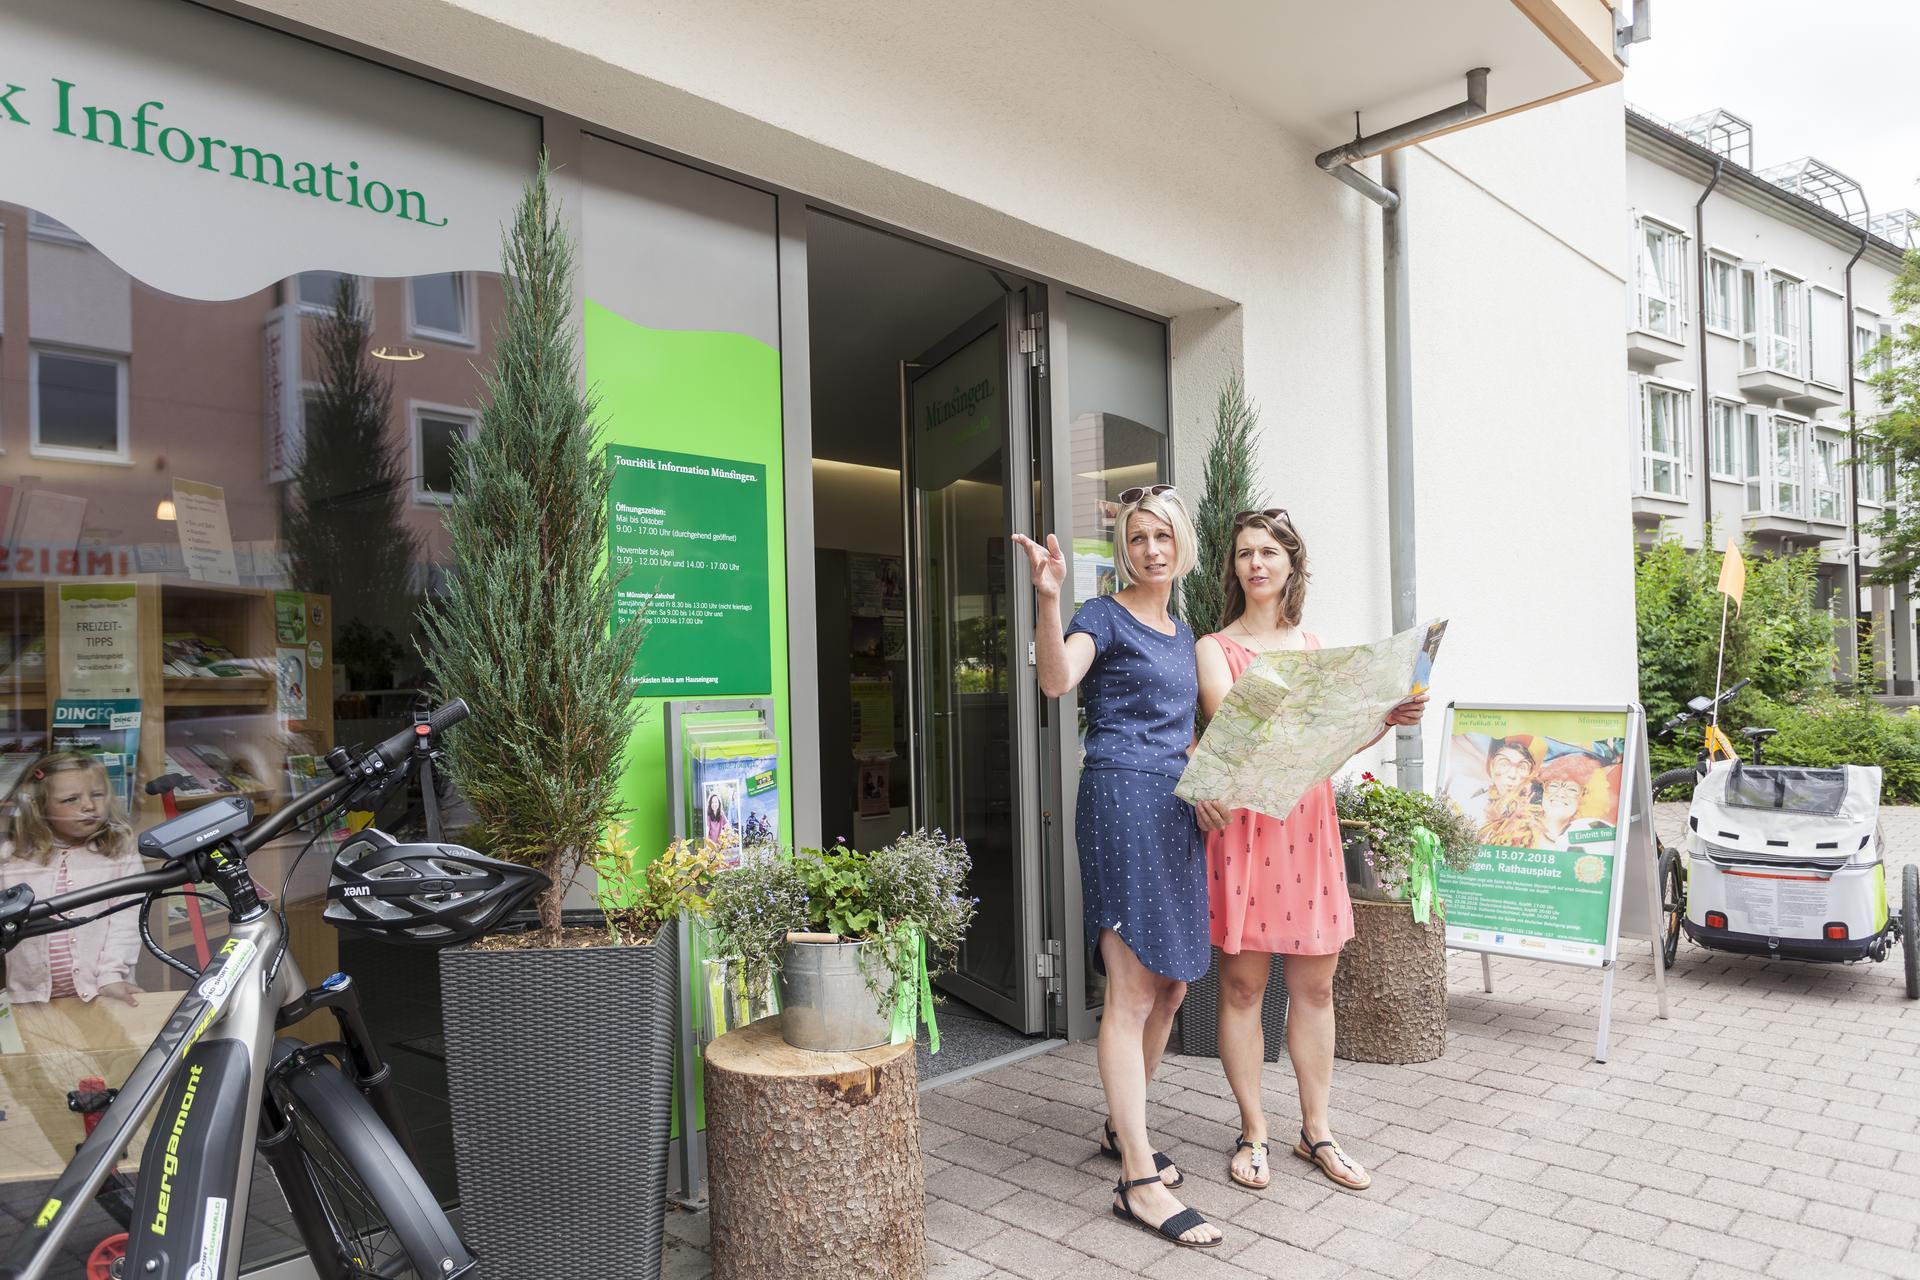 Zwei Personen kommen aus der Touristik Information Münsingen und halten eine Landkarte in der Hand. Sie Blicken in die Richtung, in die eine Person zeigt. Beide tragen kurze Somerkleider. Links und rechts stehen Fahrräder.